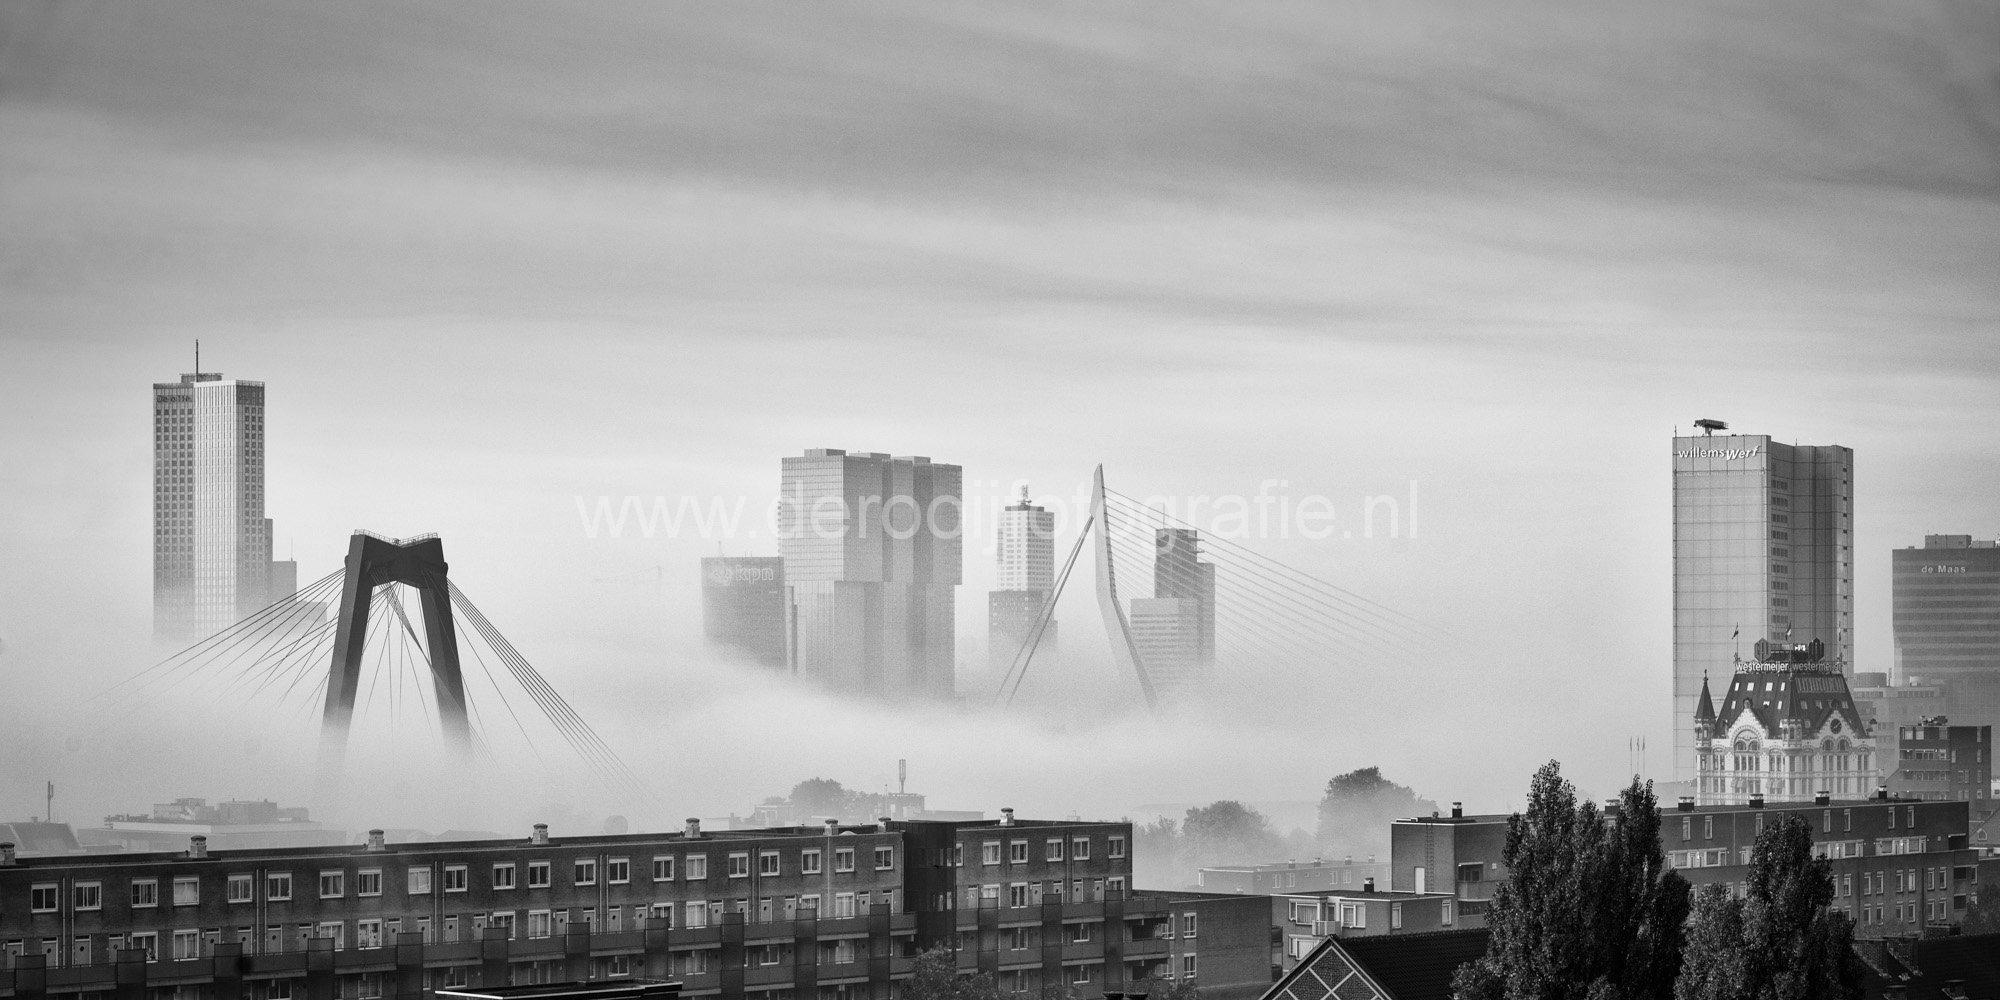 Fotobehang Meerdere Fotos.Foto Skyline Rotterdam Met Laaghangende Mist De Rooij Fotografie